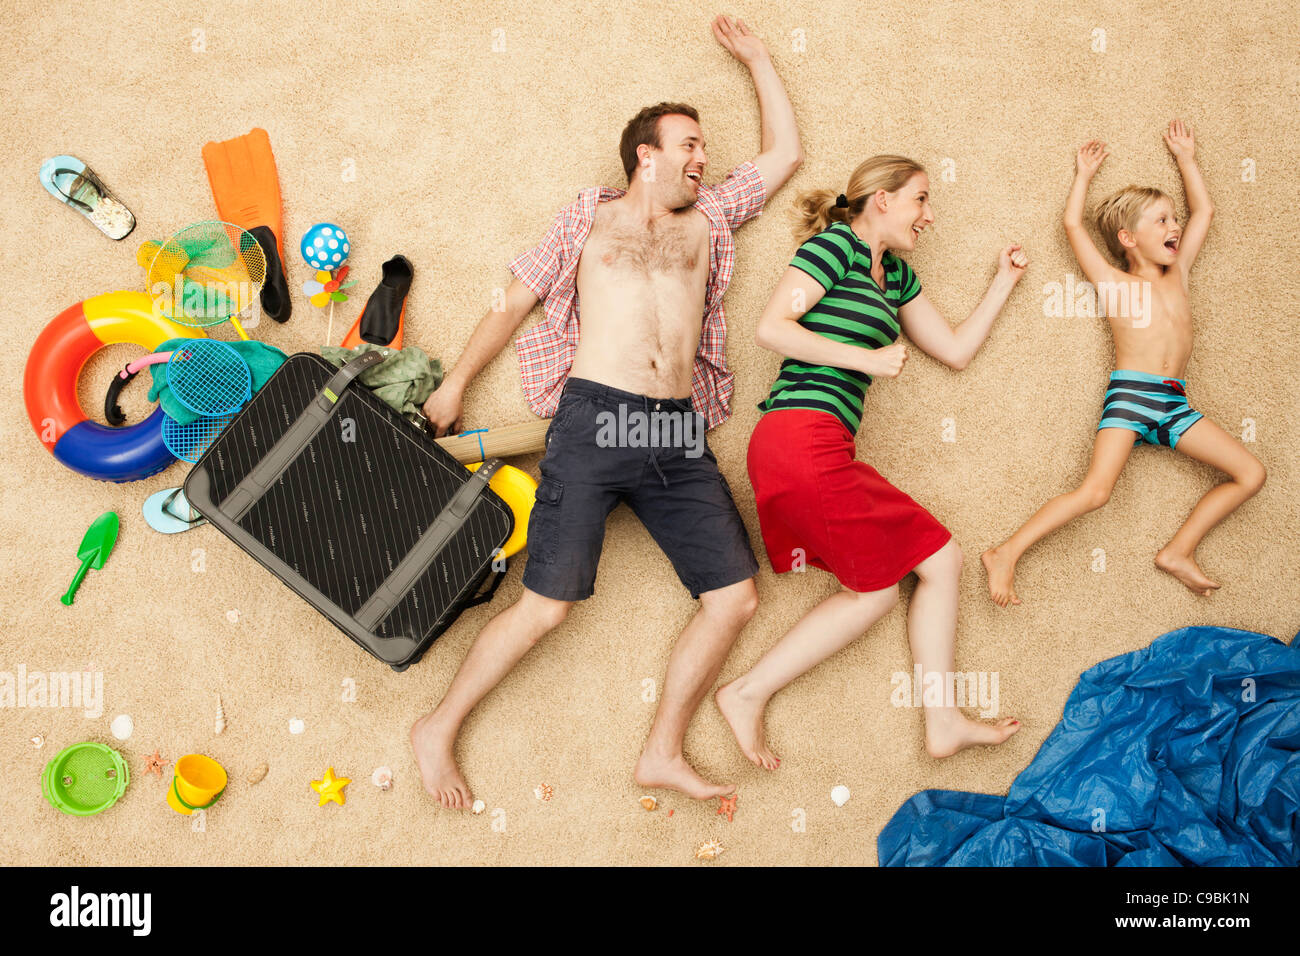 Deutschland, Familie mit Spielzeug und Gepäck am Strand Stockbild